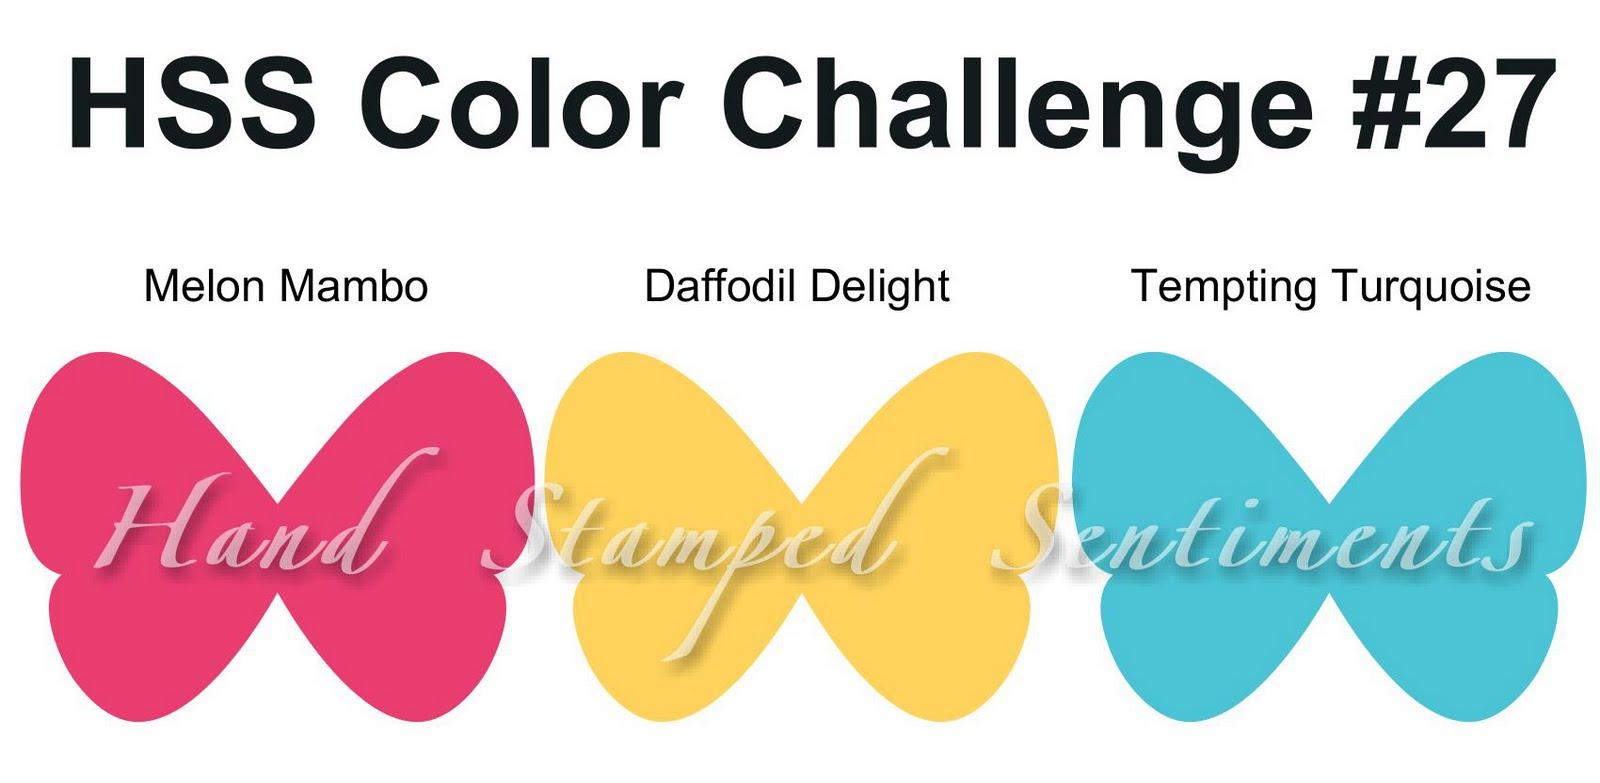 http://1.bp.blogspot.com/_sejG-Hm5quc/TFTci6NDfkI/AAAAAAAADZY/Odav1r_Yugw/s1600/August+2010+Color+Challenge-001.jpg